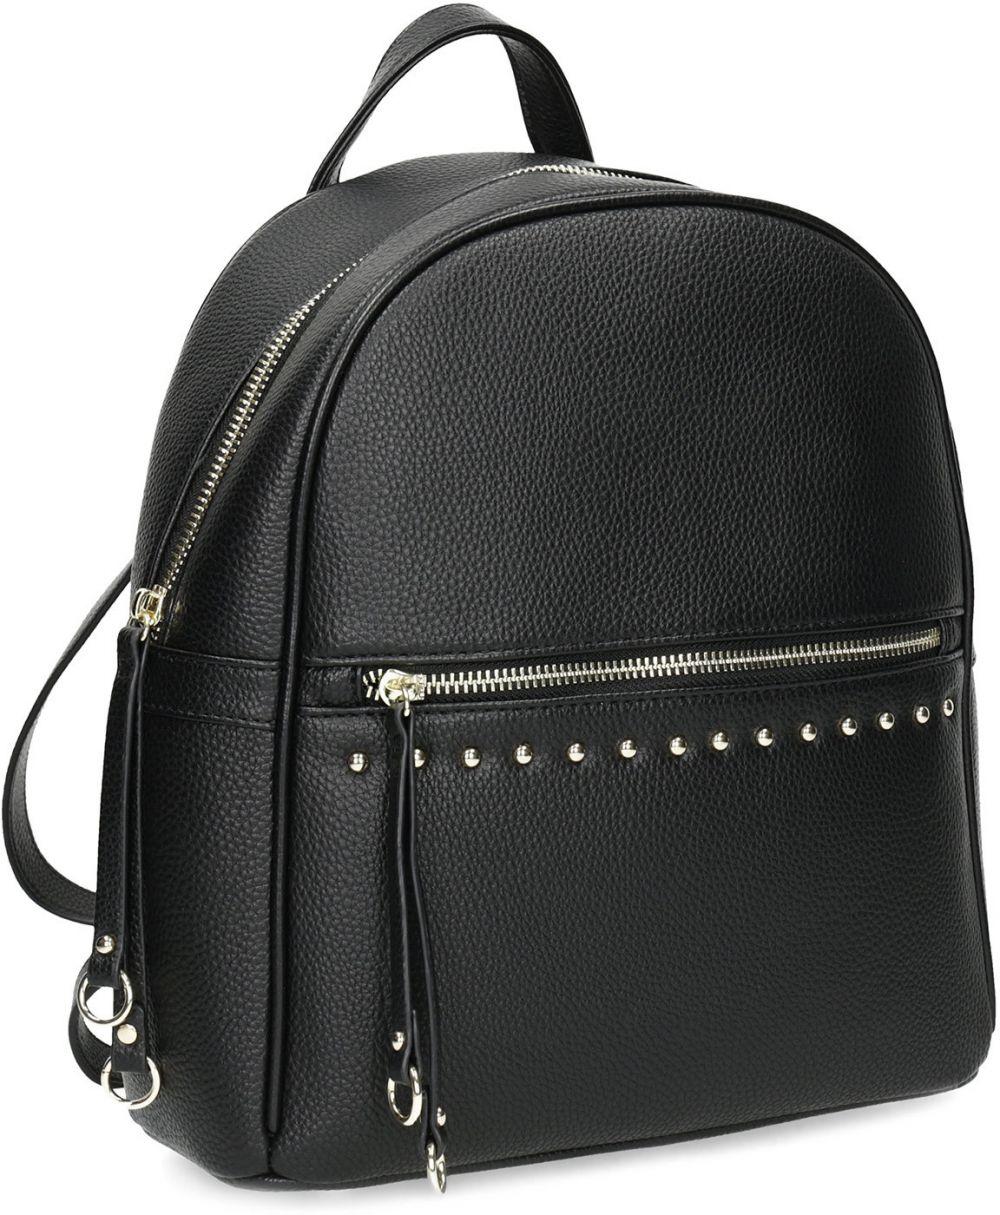 cdd3639556 Čierny dámsky batoh s kovovými cvokmi značky Baťa - Lovely.sk